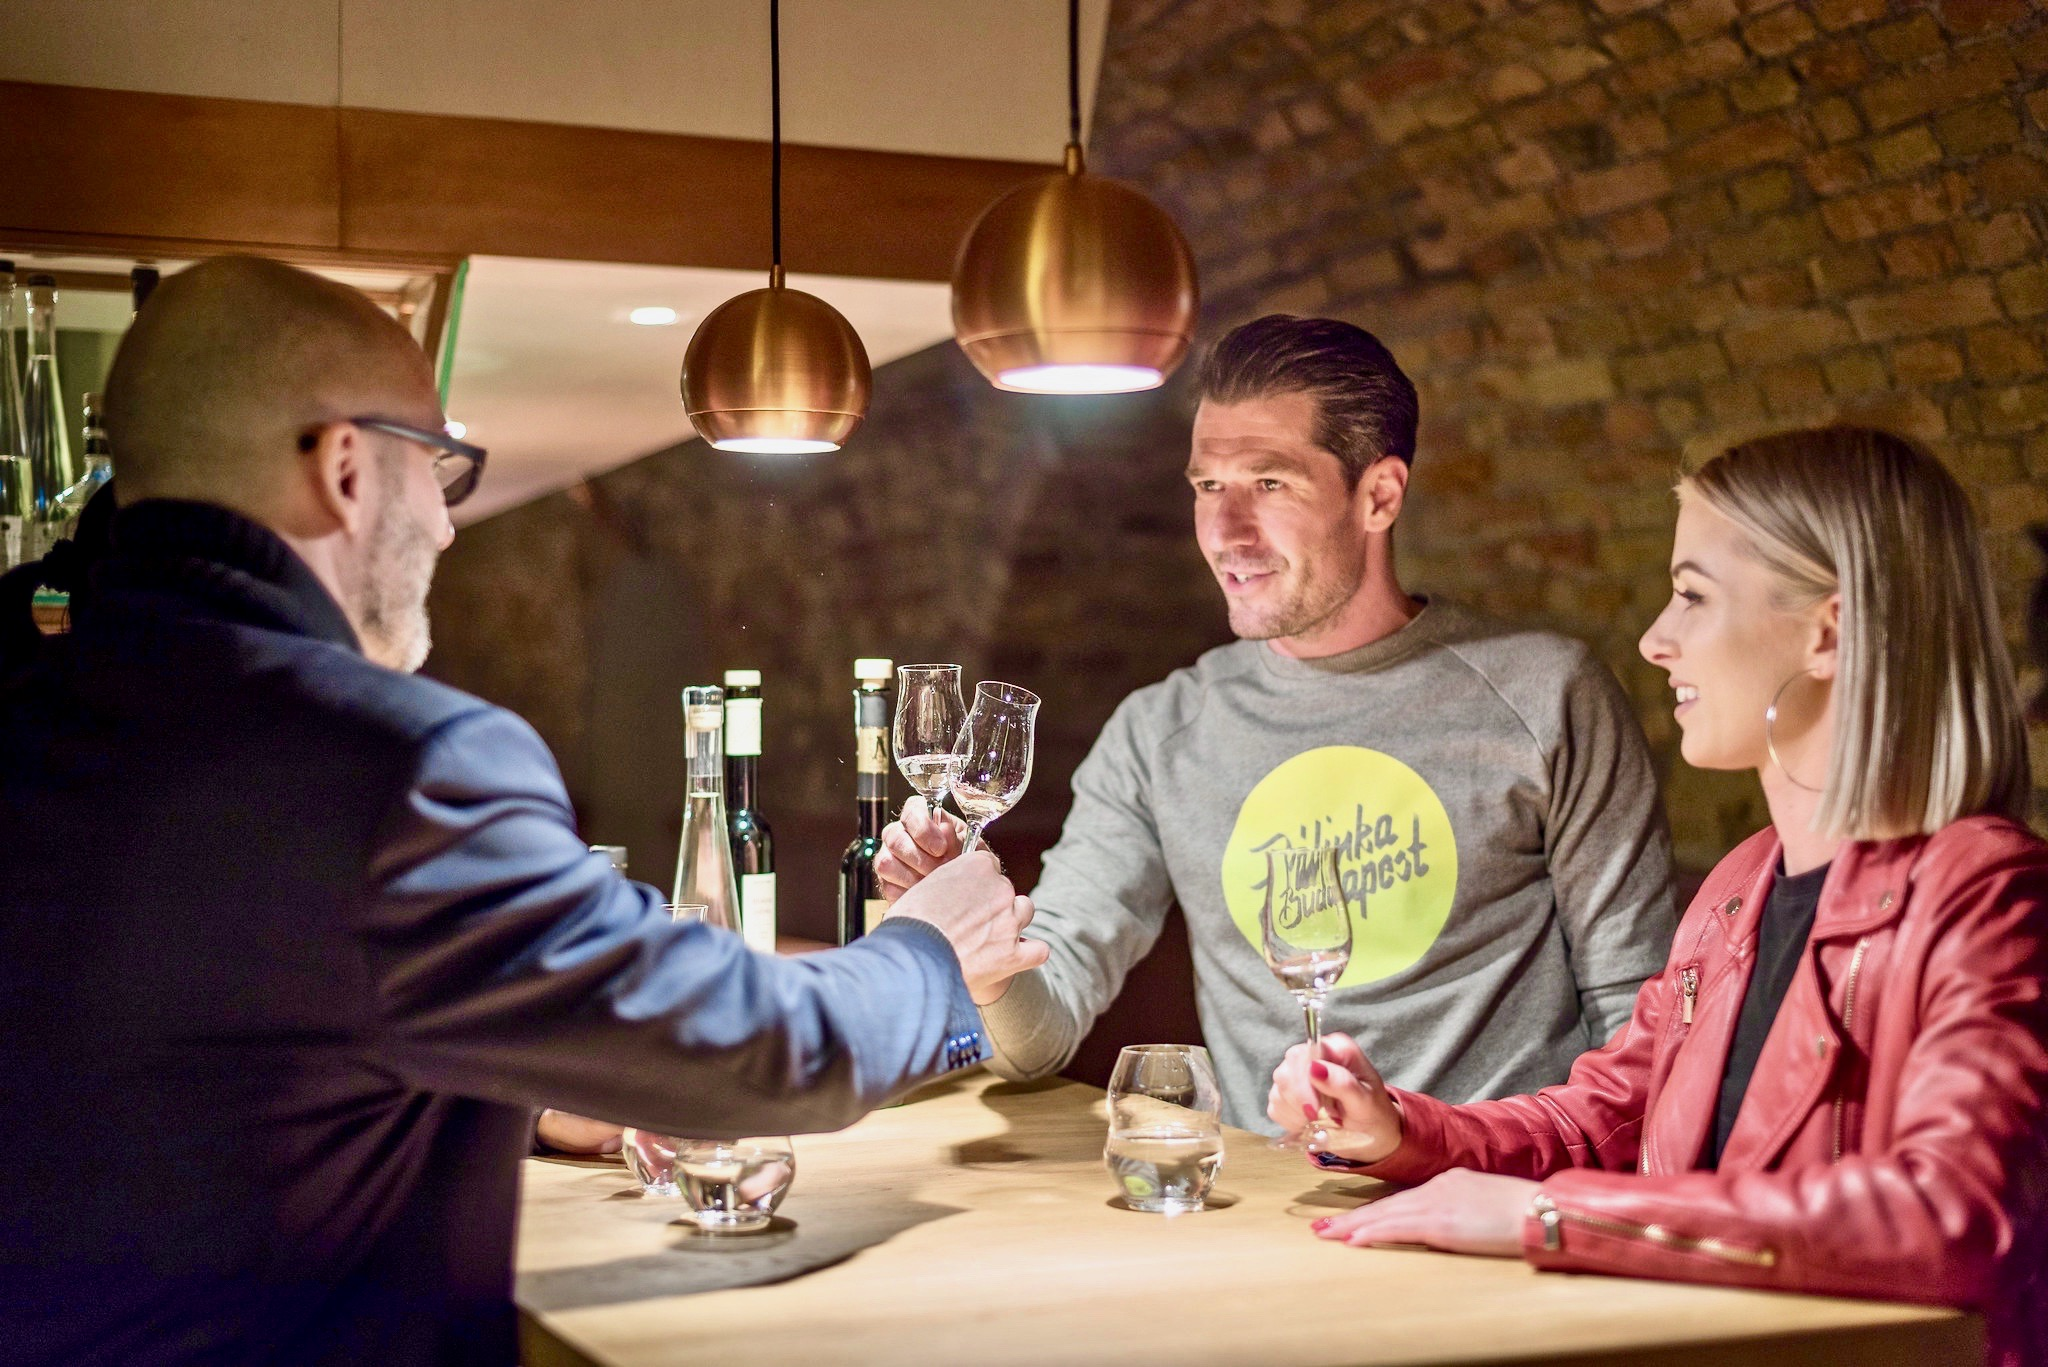 Un experto en Palinka demostrando a los amantes de la gastronomía cómo degustar el brandy de fruta